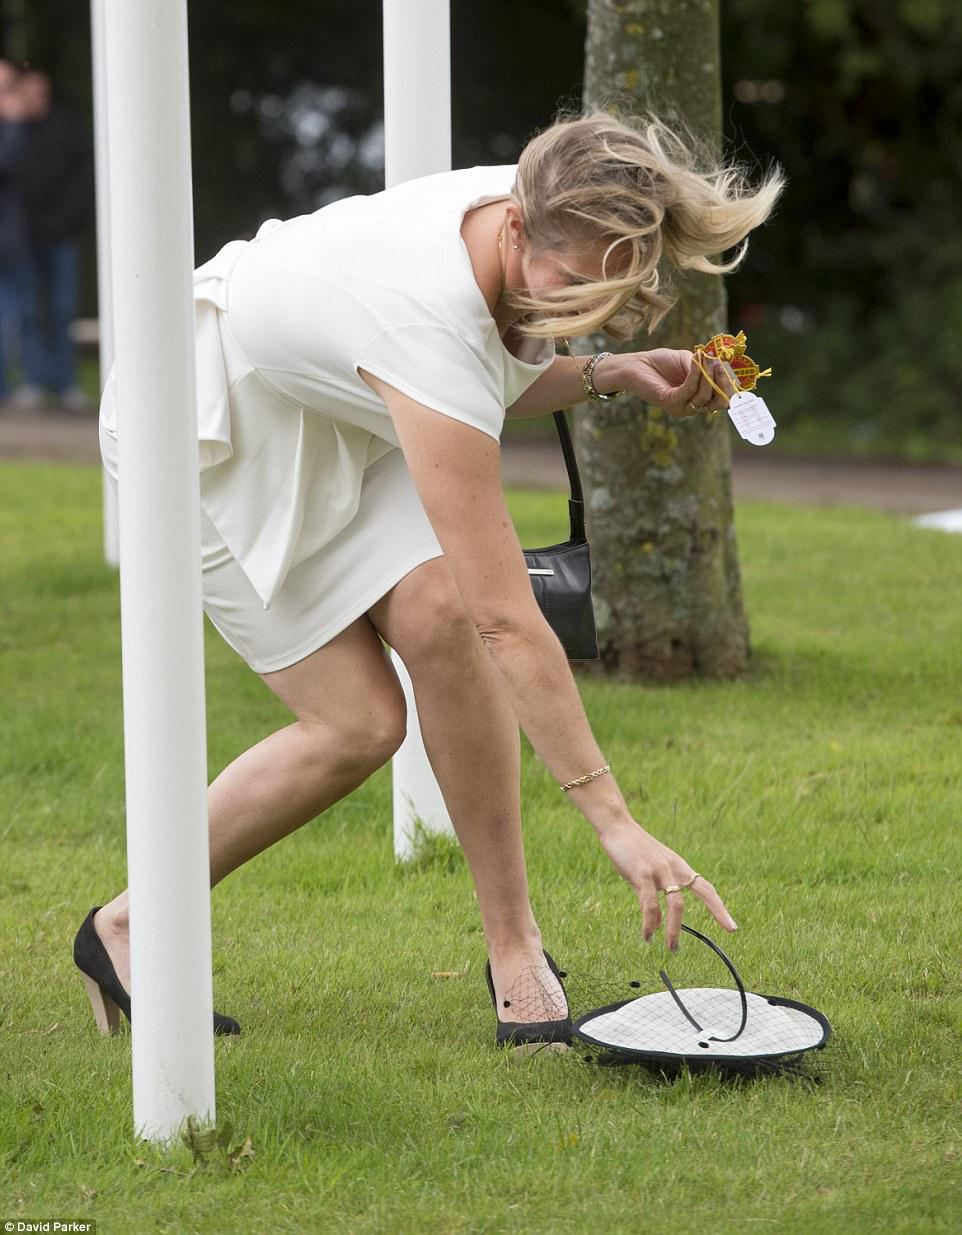 Моя прекрасная алколеди: британки умеют веселиться даже при дожде и штормовом ветре